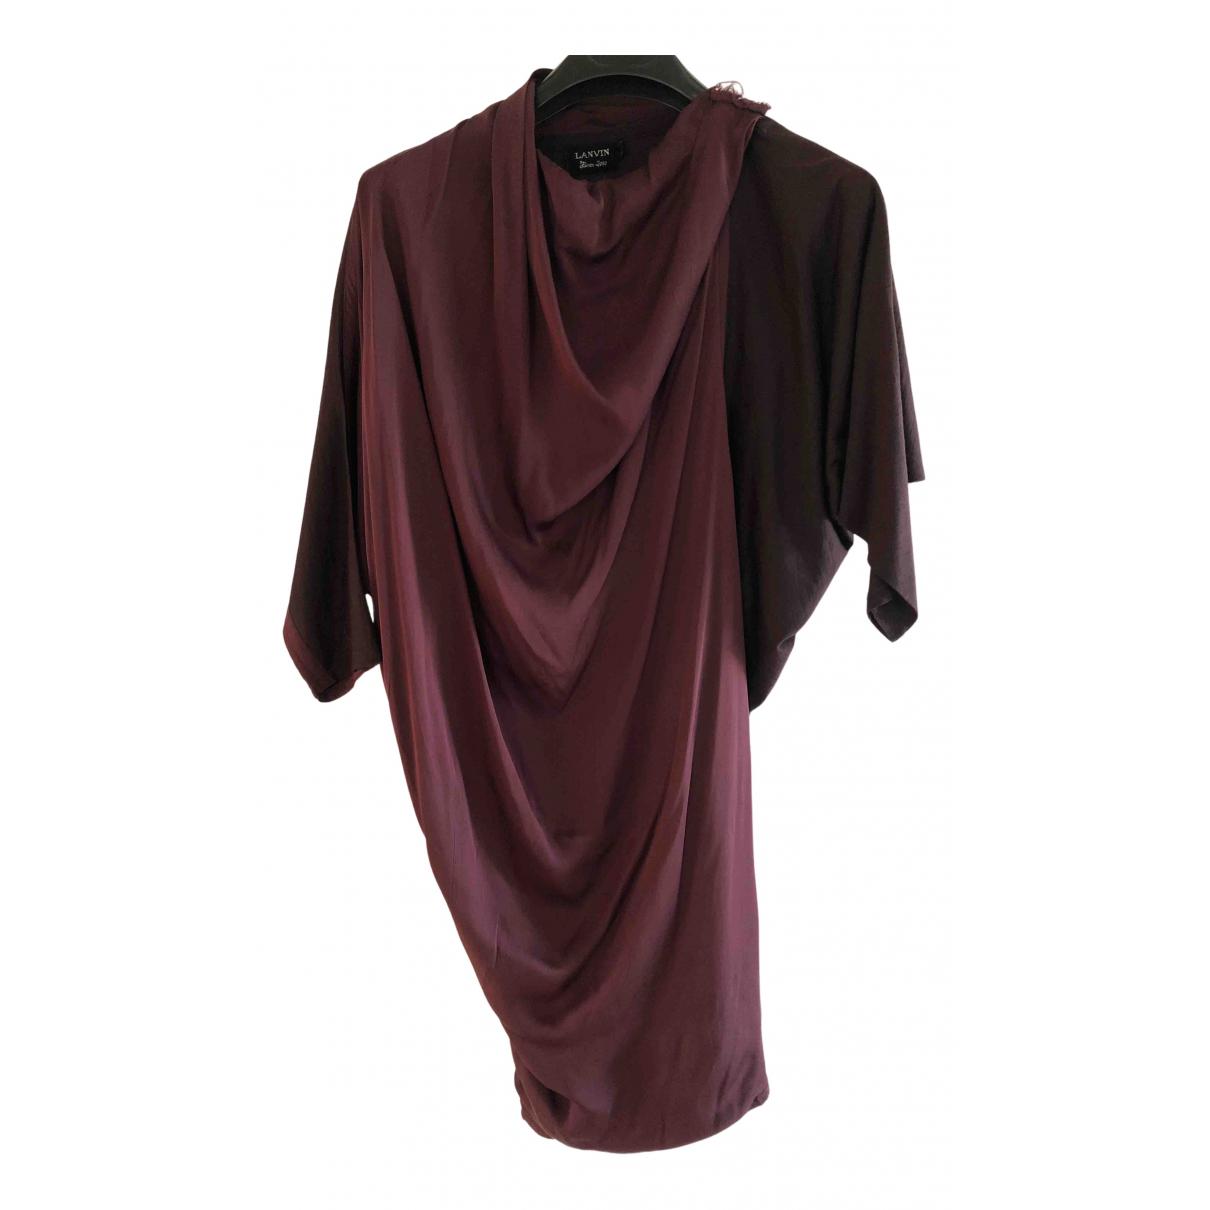 Lanvin \N Kleid in  Bordeauxrot Seide